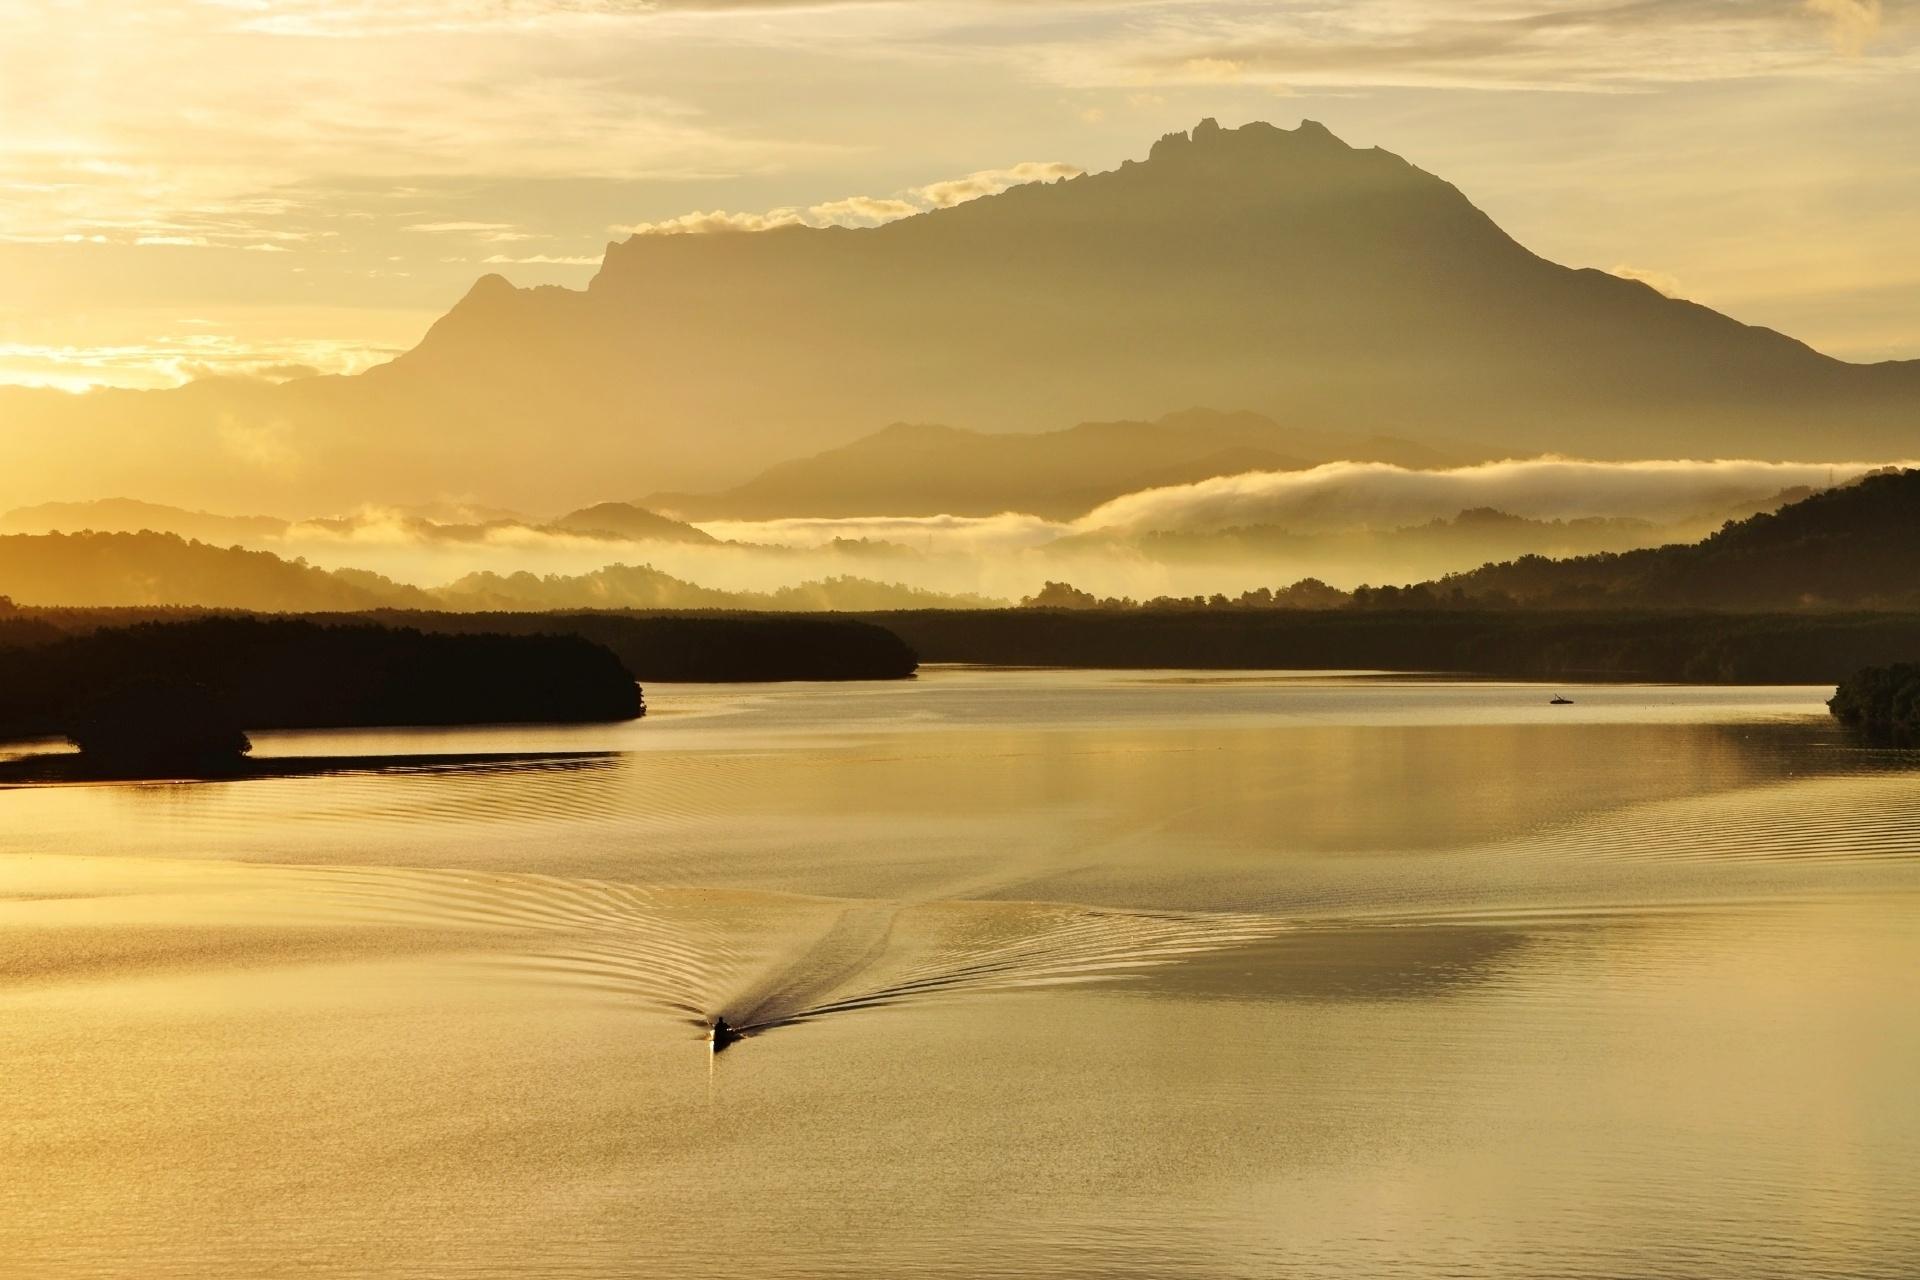 日の出のムンカボン川とキナバル山の風景